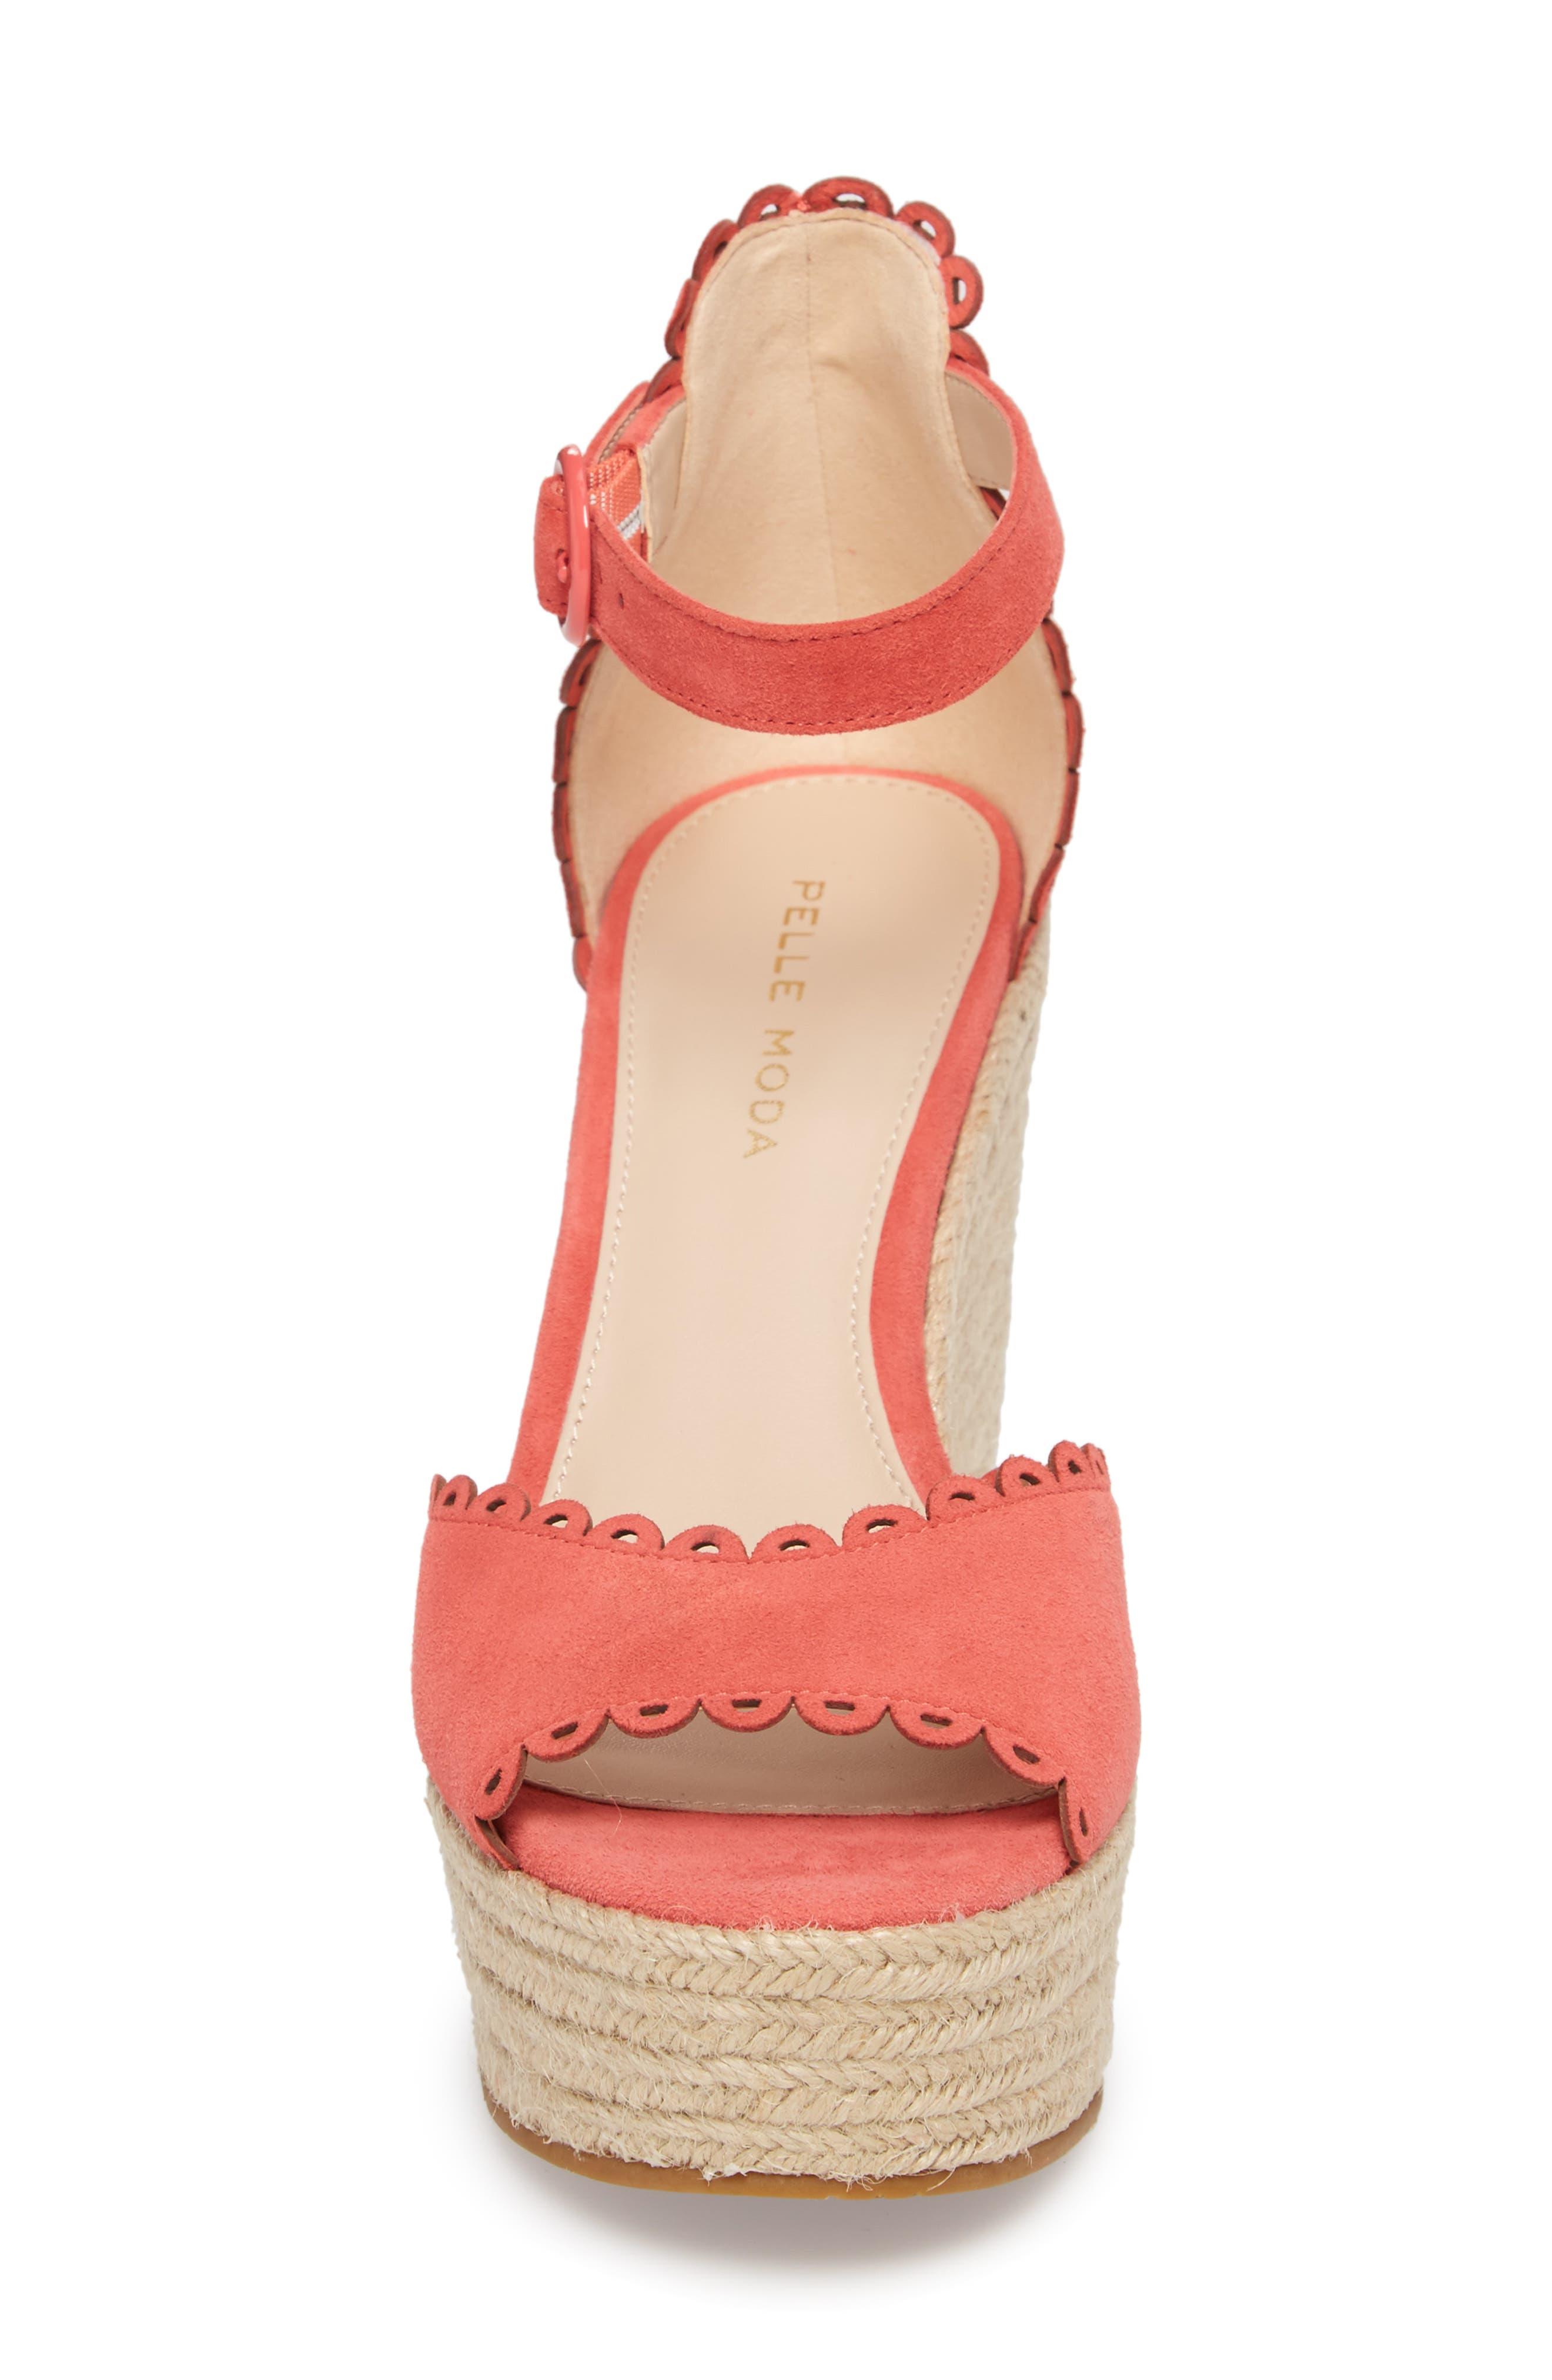 Raine Platform Espadrille Sandal,                             Alternate thumbnail 4, color,                             Flamingo Suede